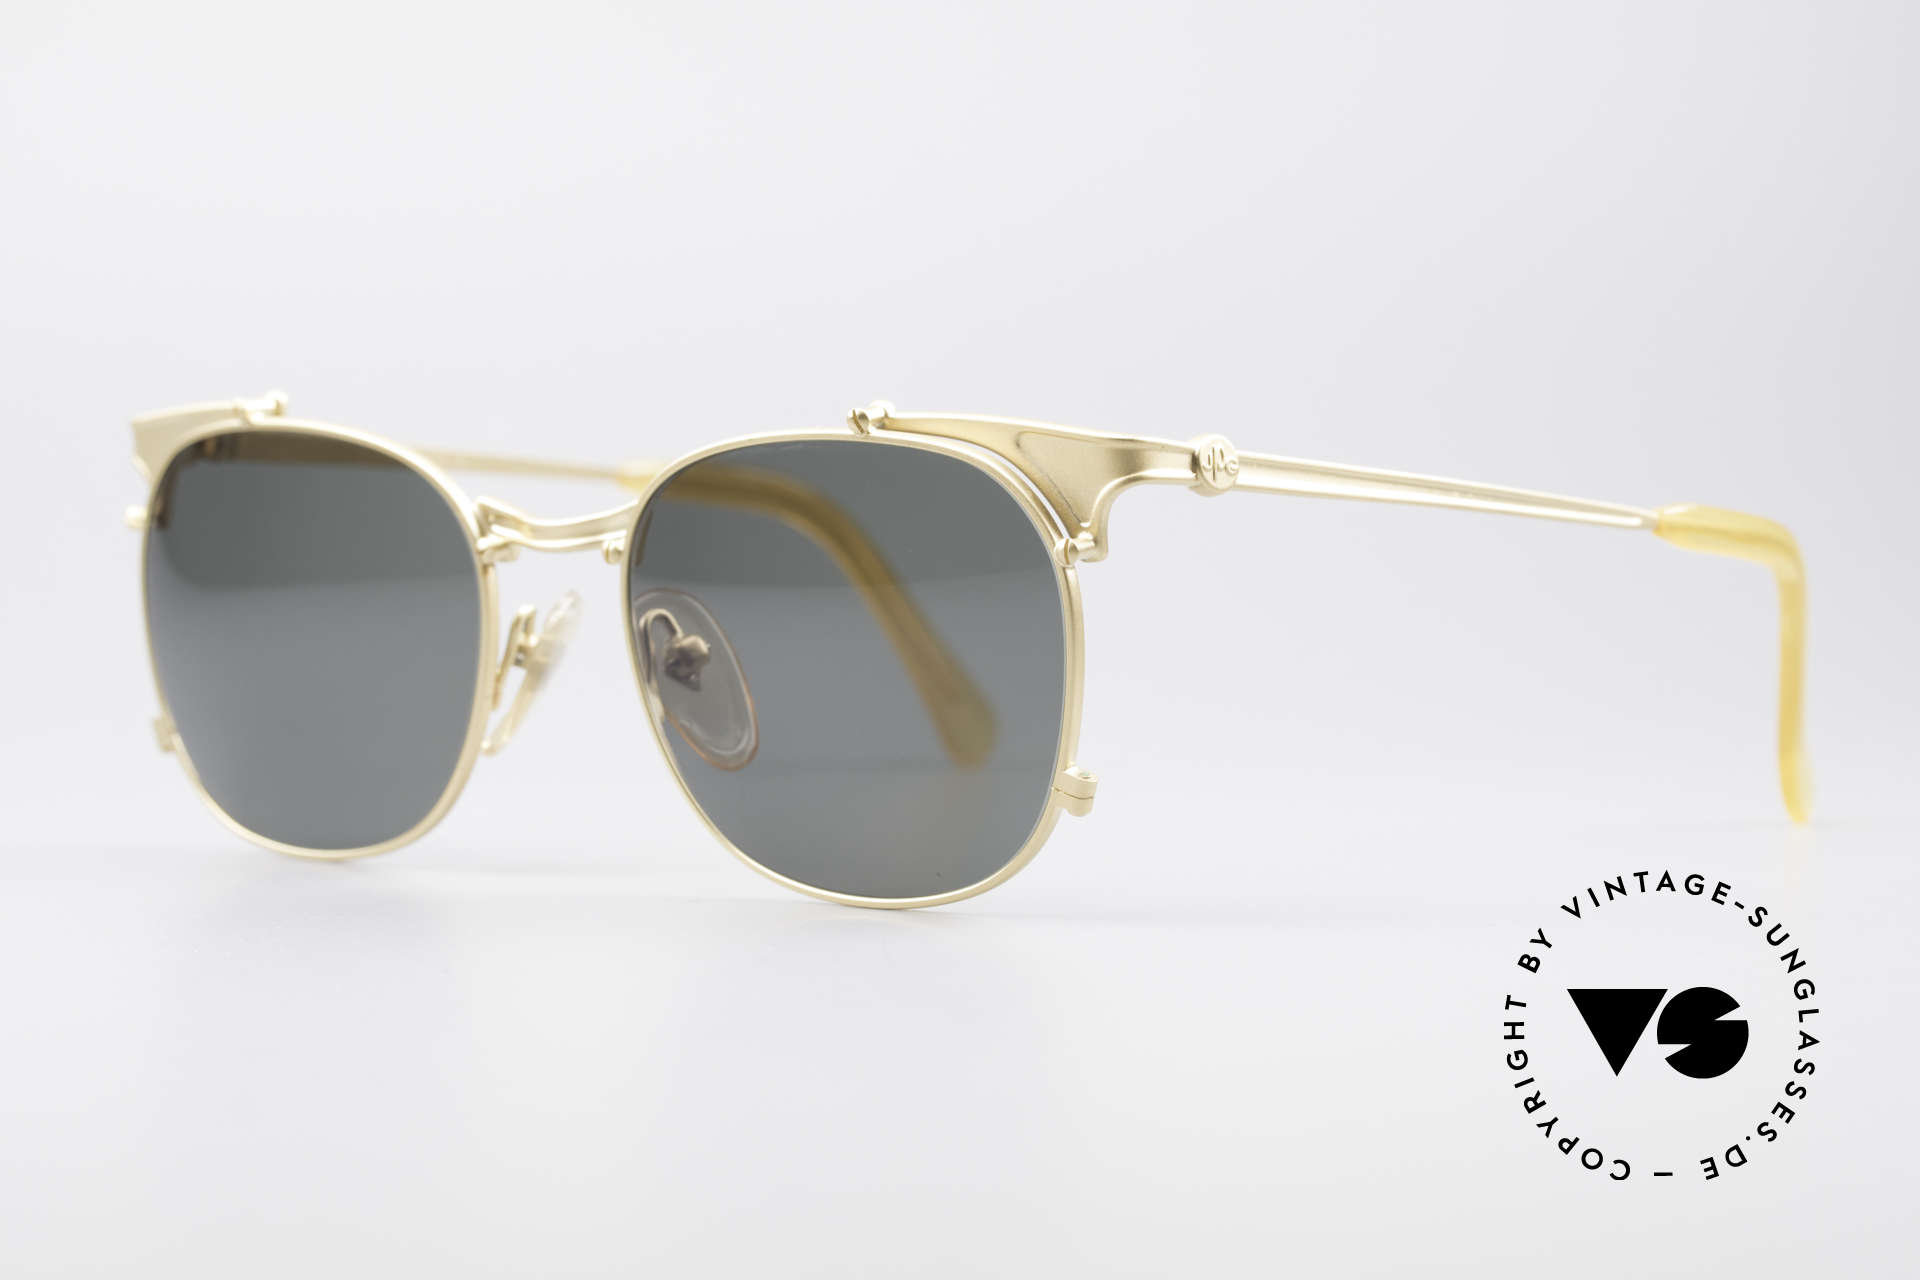 Jean Paul Gaultier 56-2175 Rare Vintage Sonnenbrille, J.P.G. Unisex-Modell in absoluter TOP-Qualität, Passend für Herren und Damen